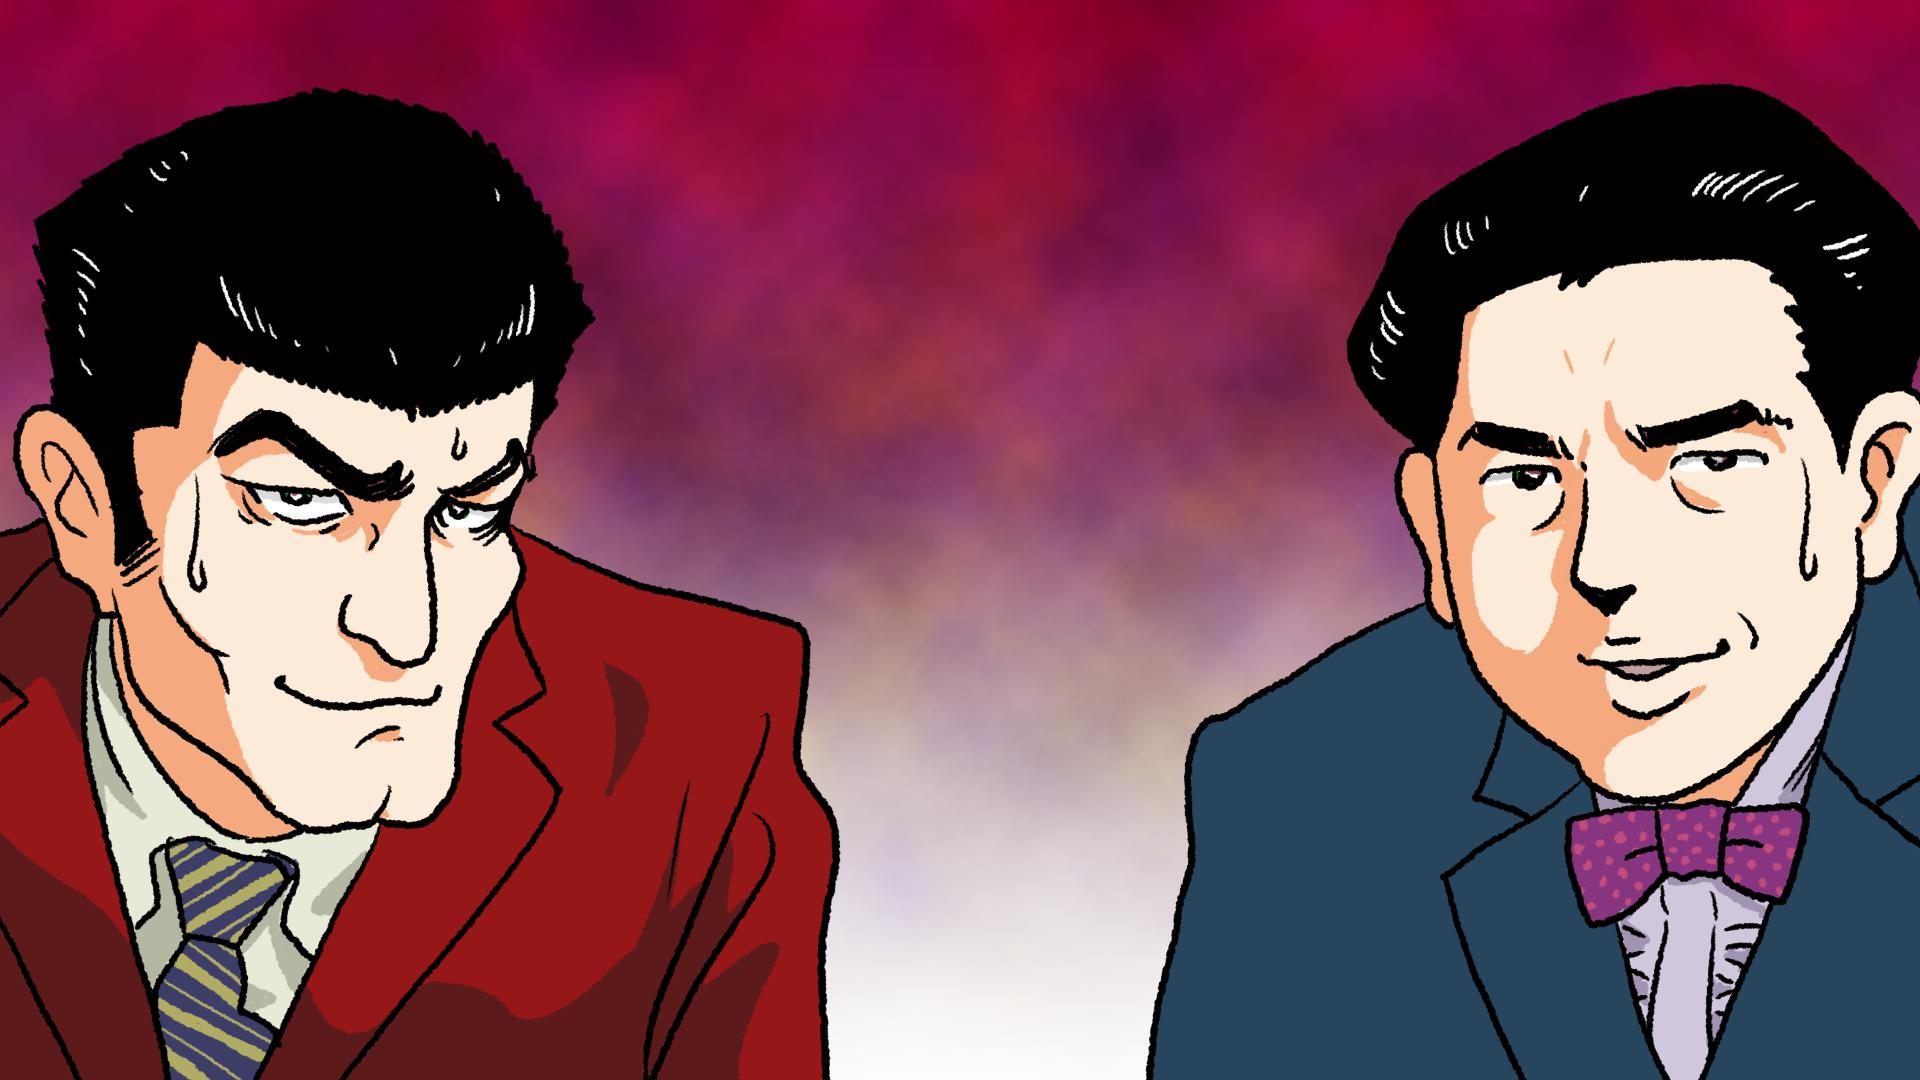 2人の男性のイラスト 背景